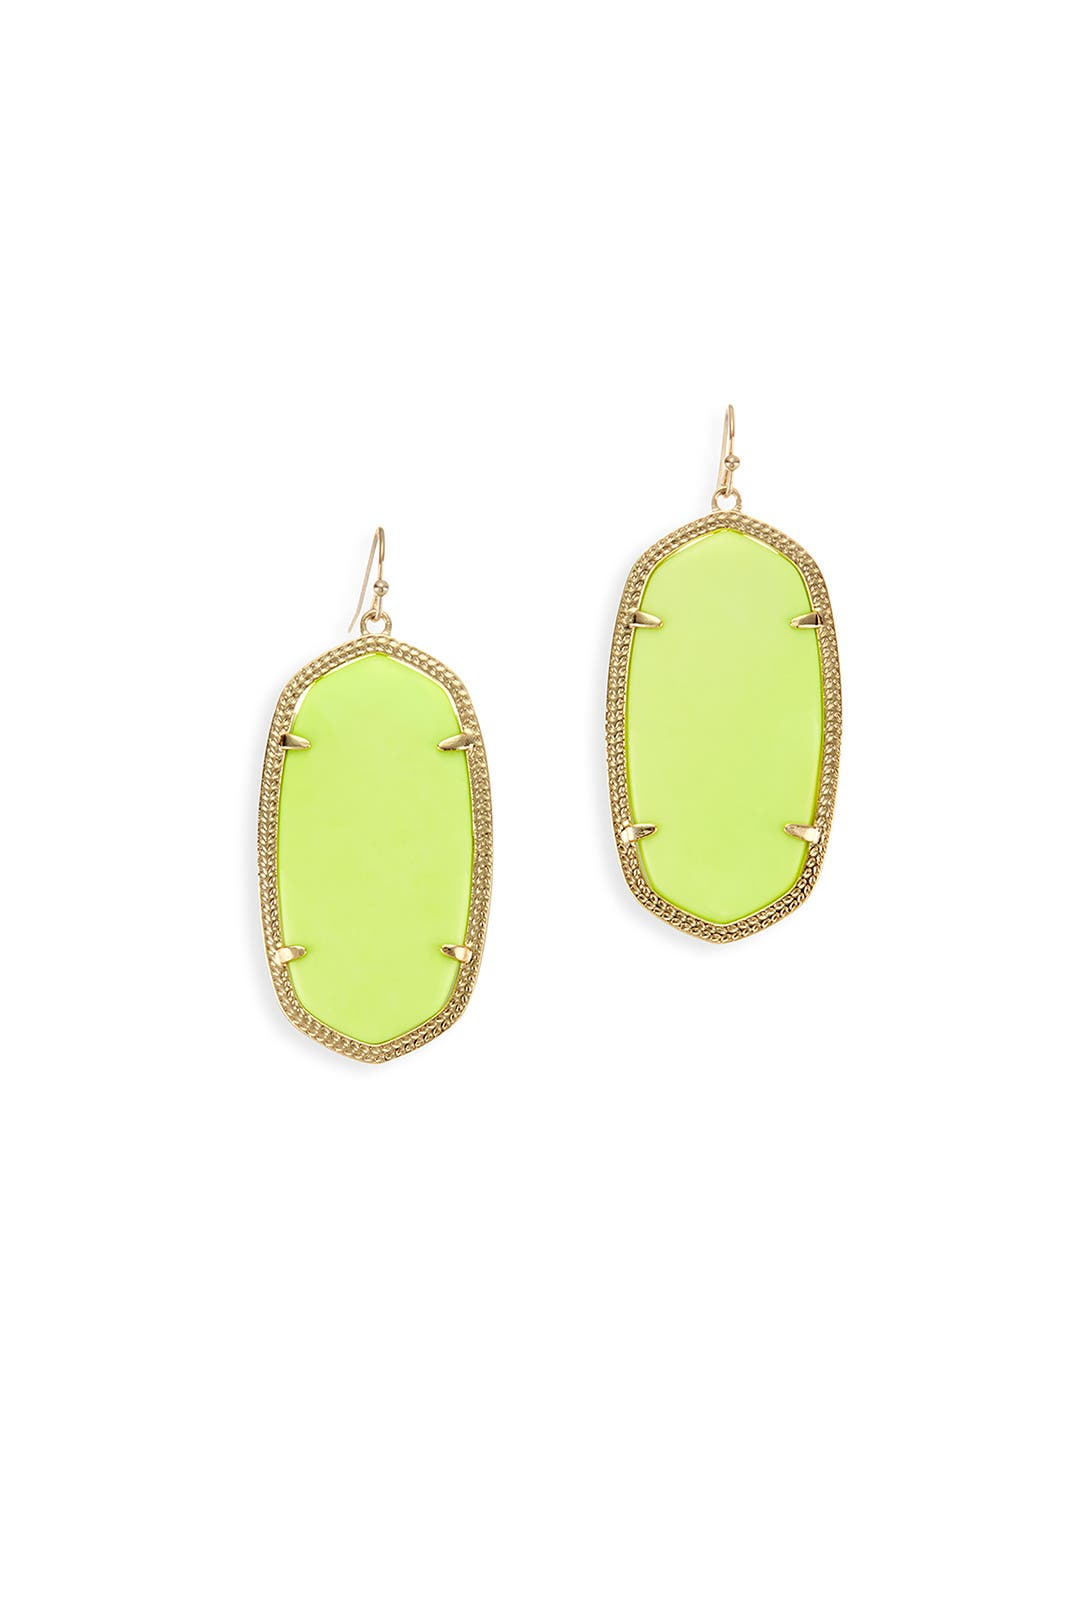 Blazing Yellow Danielle Earrings by Kendra Scott